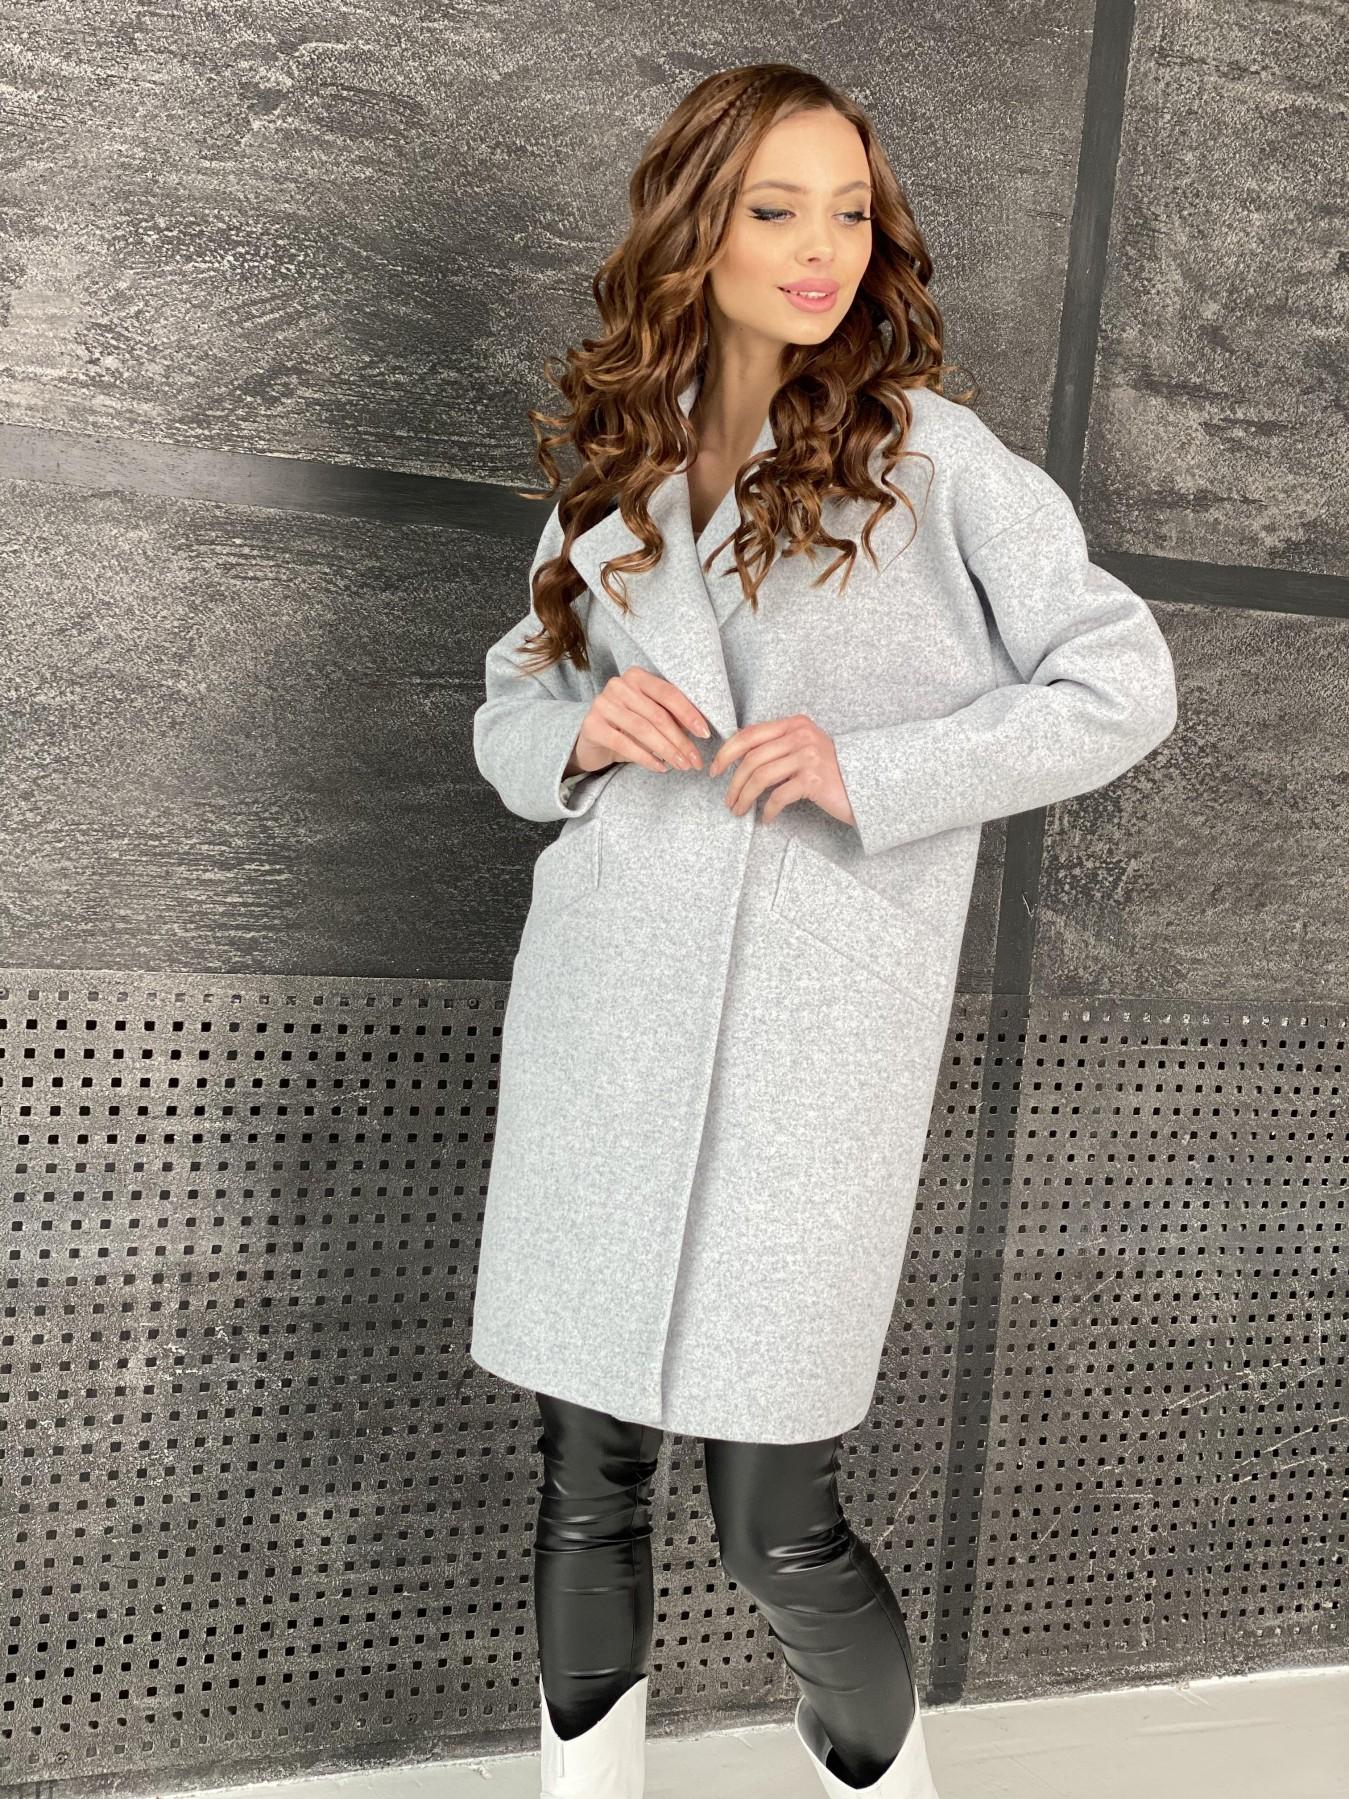 Сенсей пальто из кашемира меланж  10745 АРТ. 47223 Цвет: Серый Светлый 33 - фото 5, интернет магазин tm-modus.ru